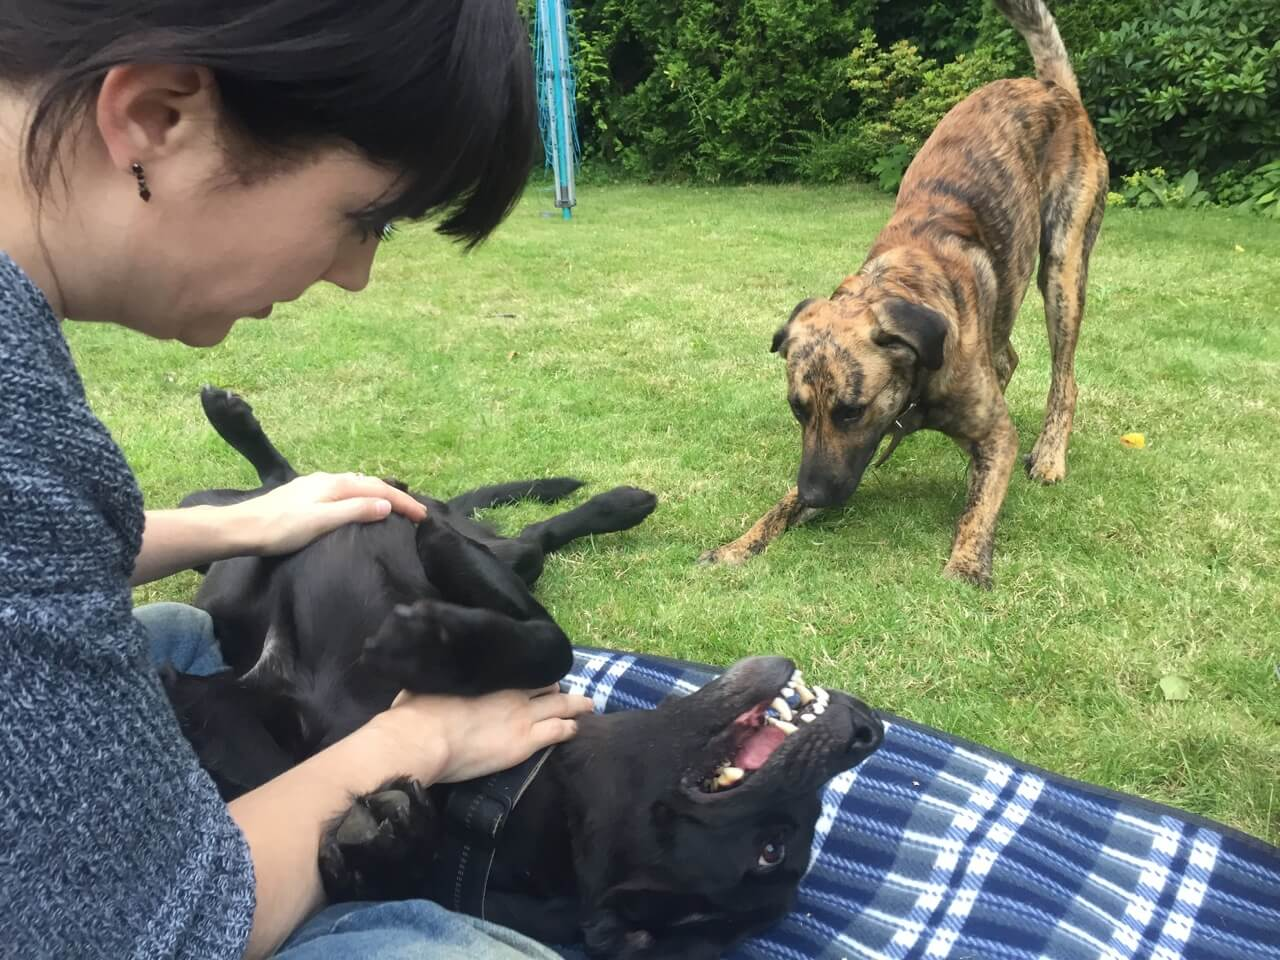 Links im Bild angeschnitten eine Frau, die einen schwarzen auf dem Rücken vor ihr liegenden Hund streichelt davor ein junger Hund in Oberkörpertiefstellung